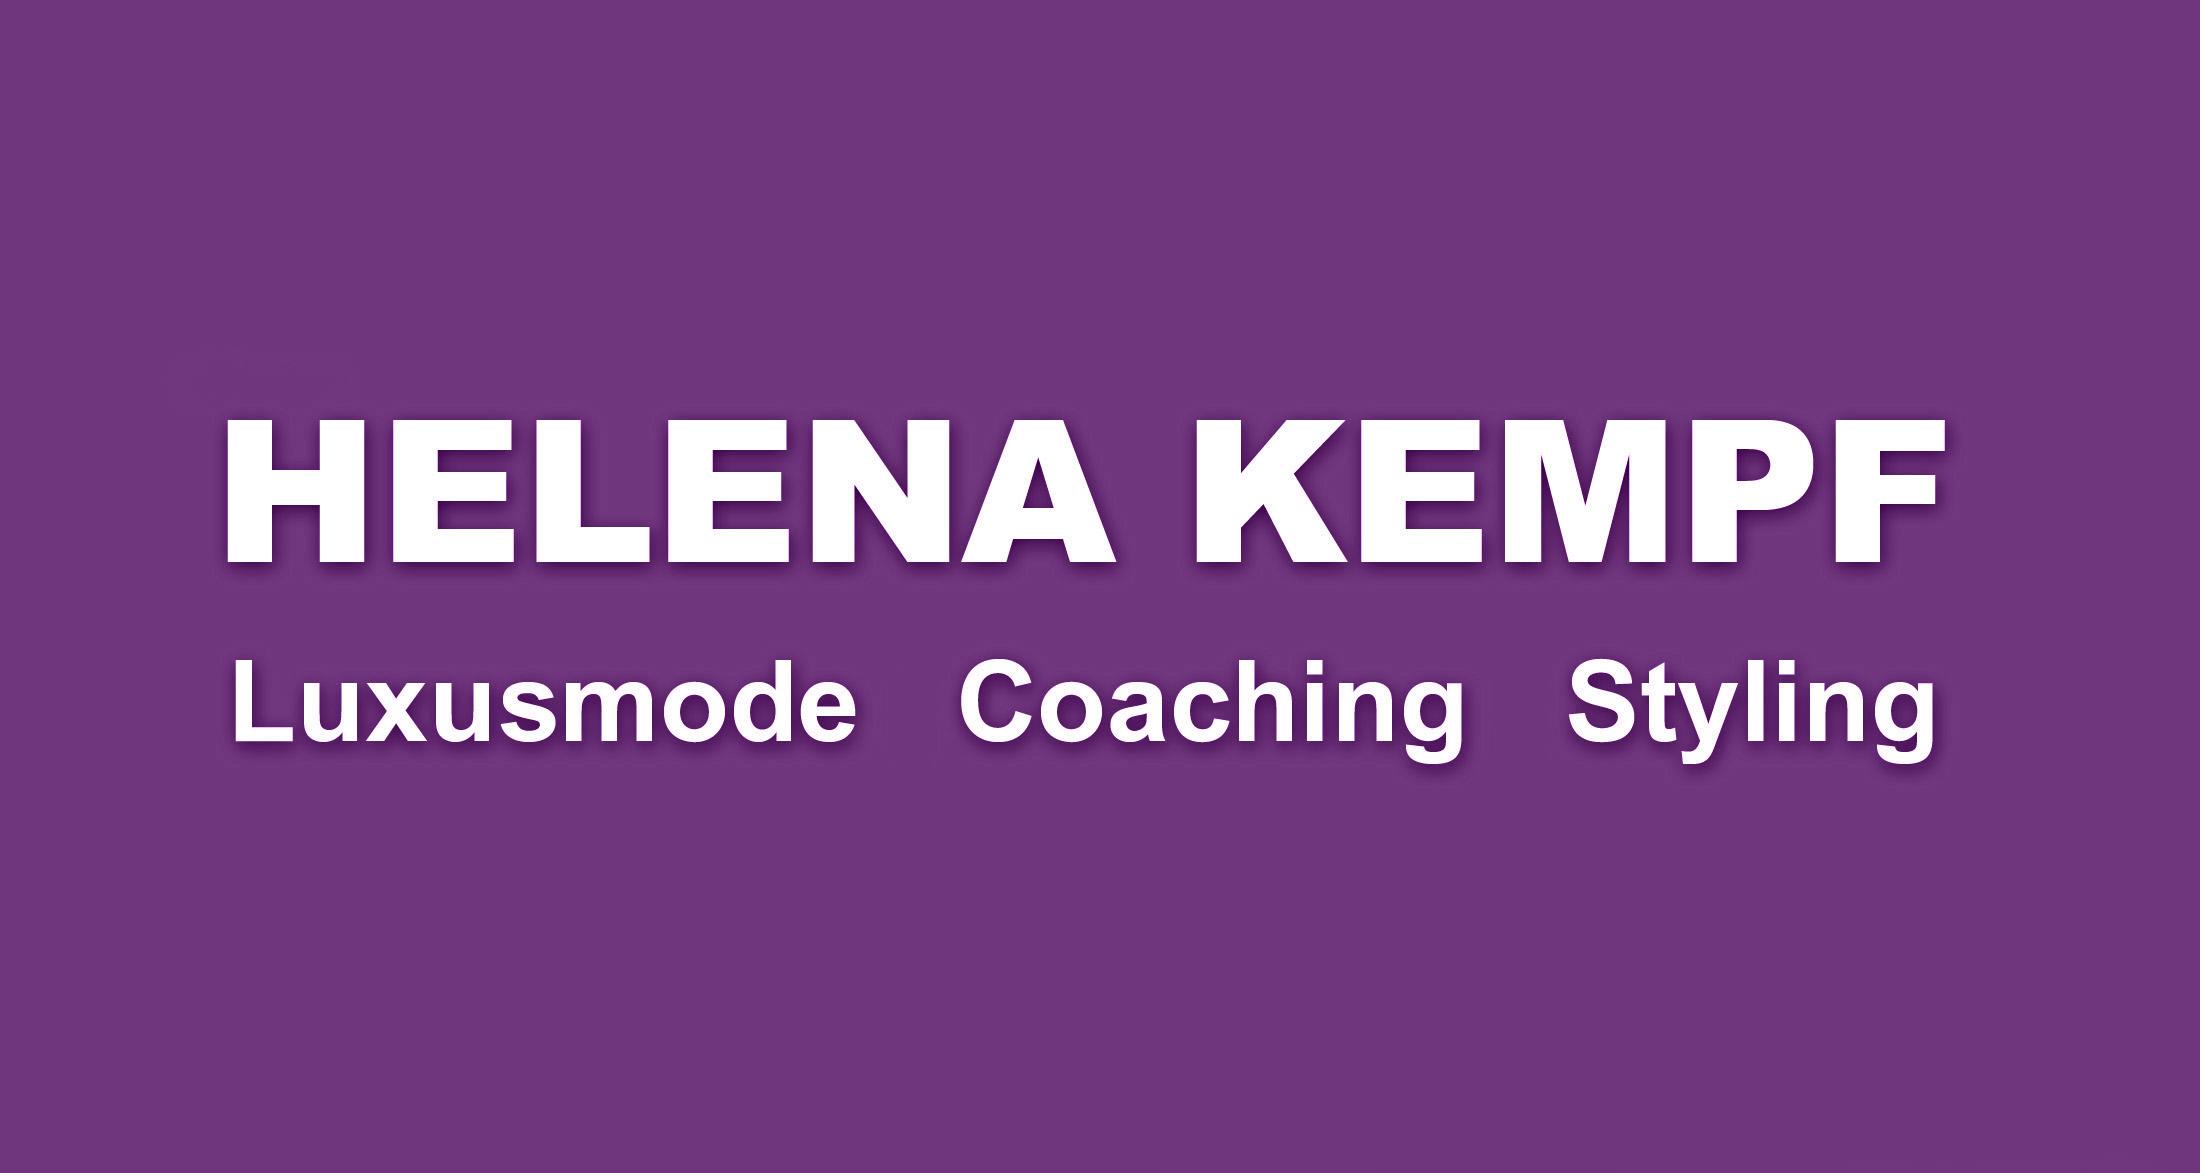 Helena Kempf Couture Moden Designermode Obernburg Aschaffenburg